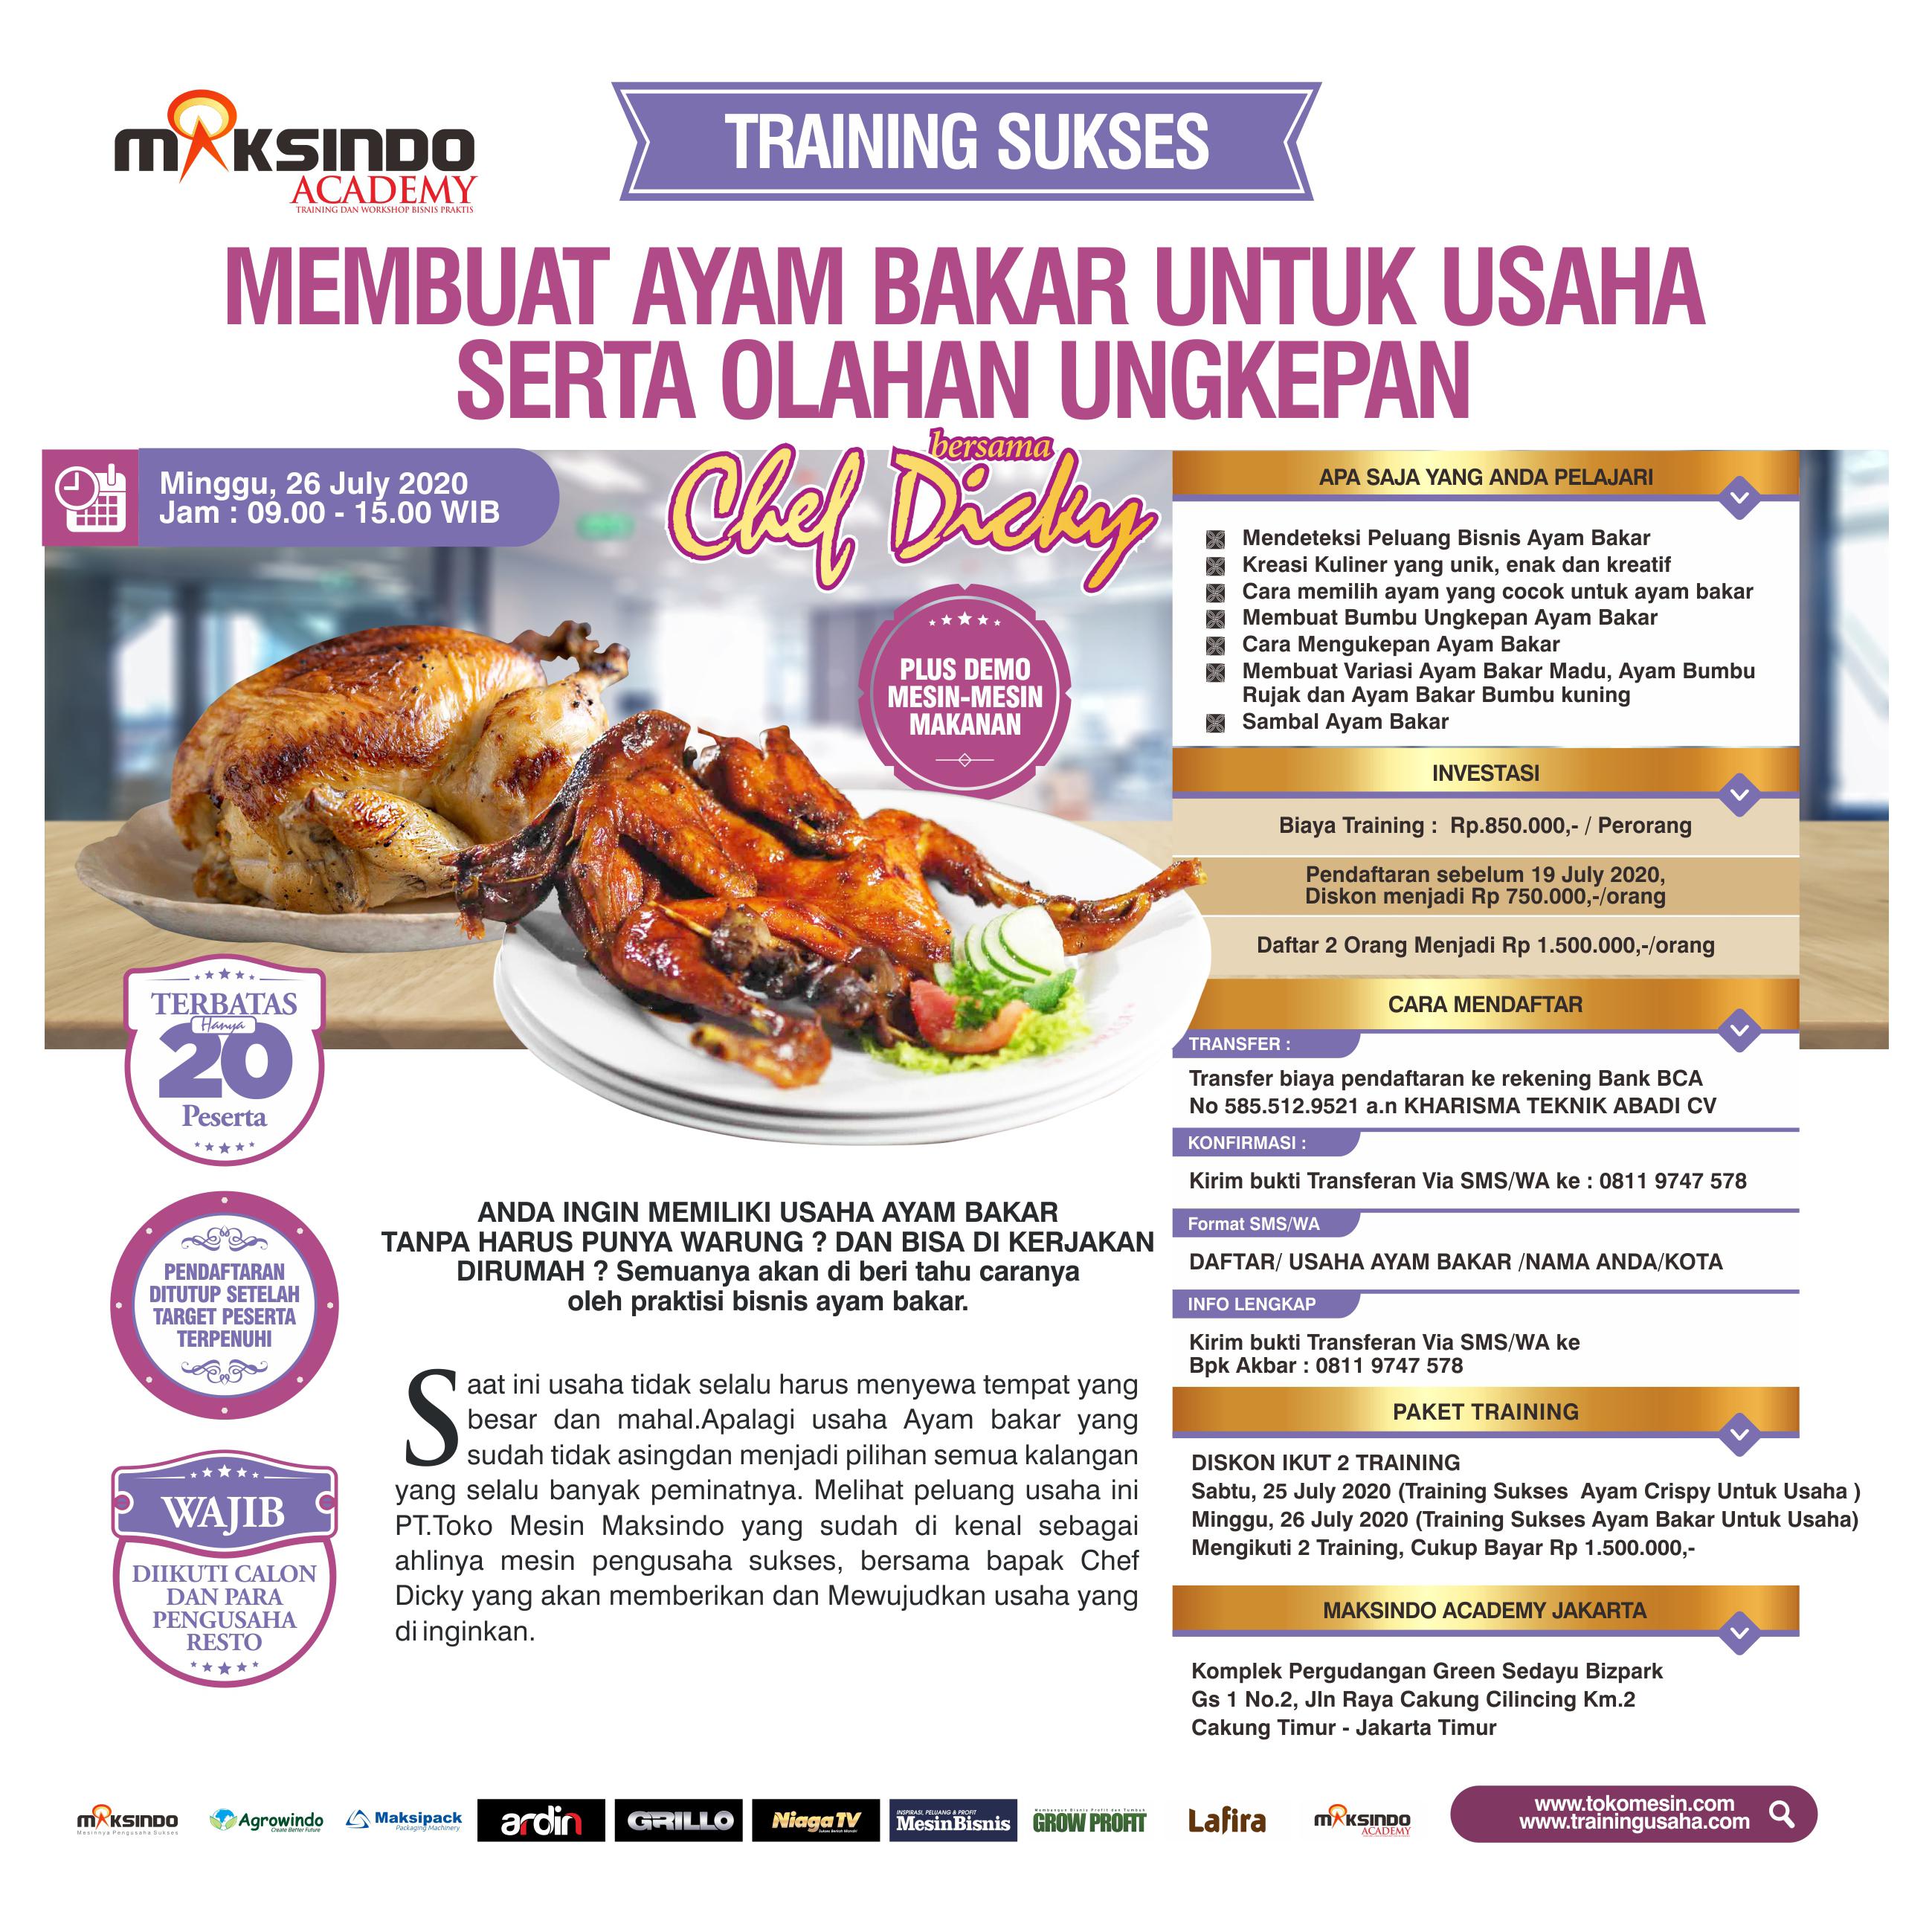 Traning Sukses  Membuat Ayam Bakar Untuk Usaha Minggu, 26 July 2020